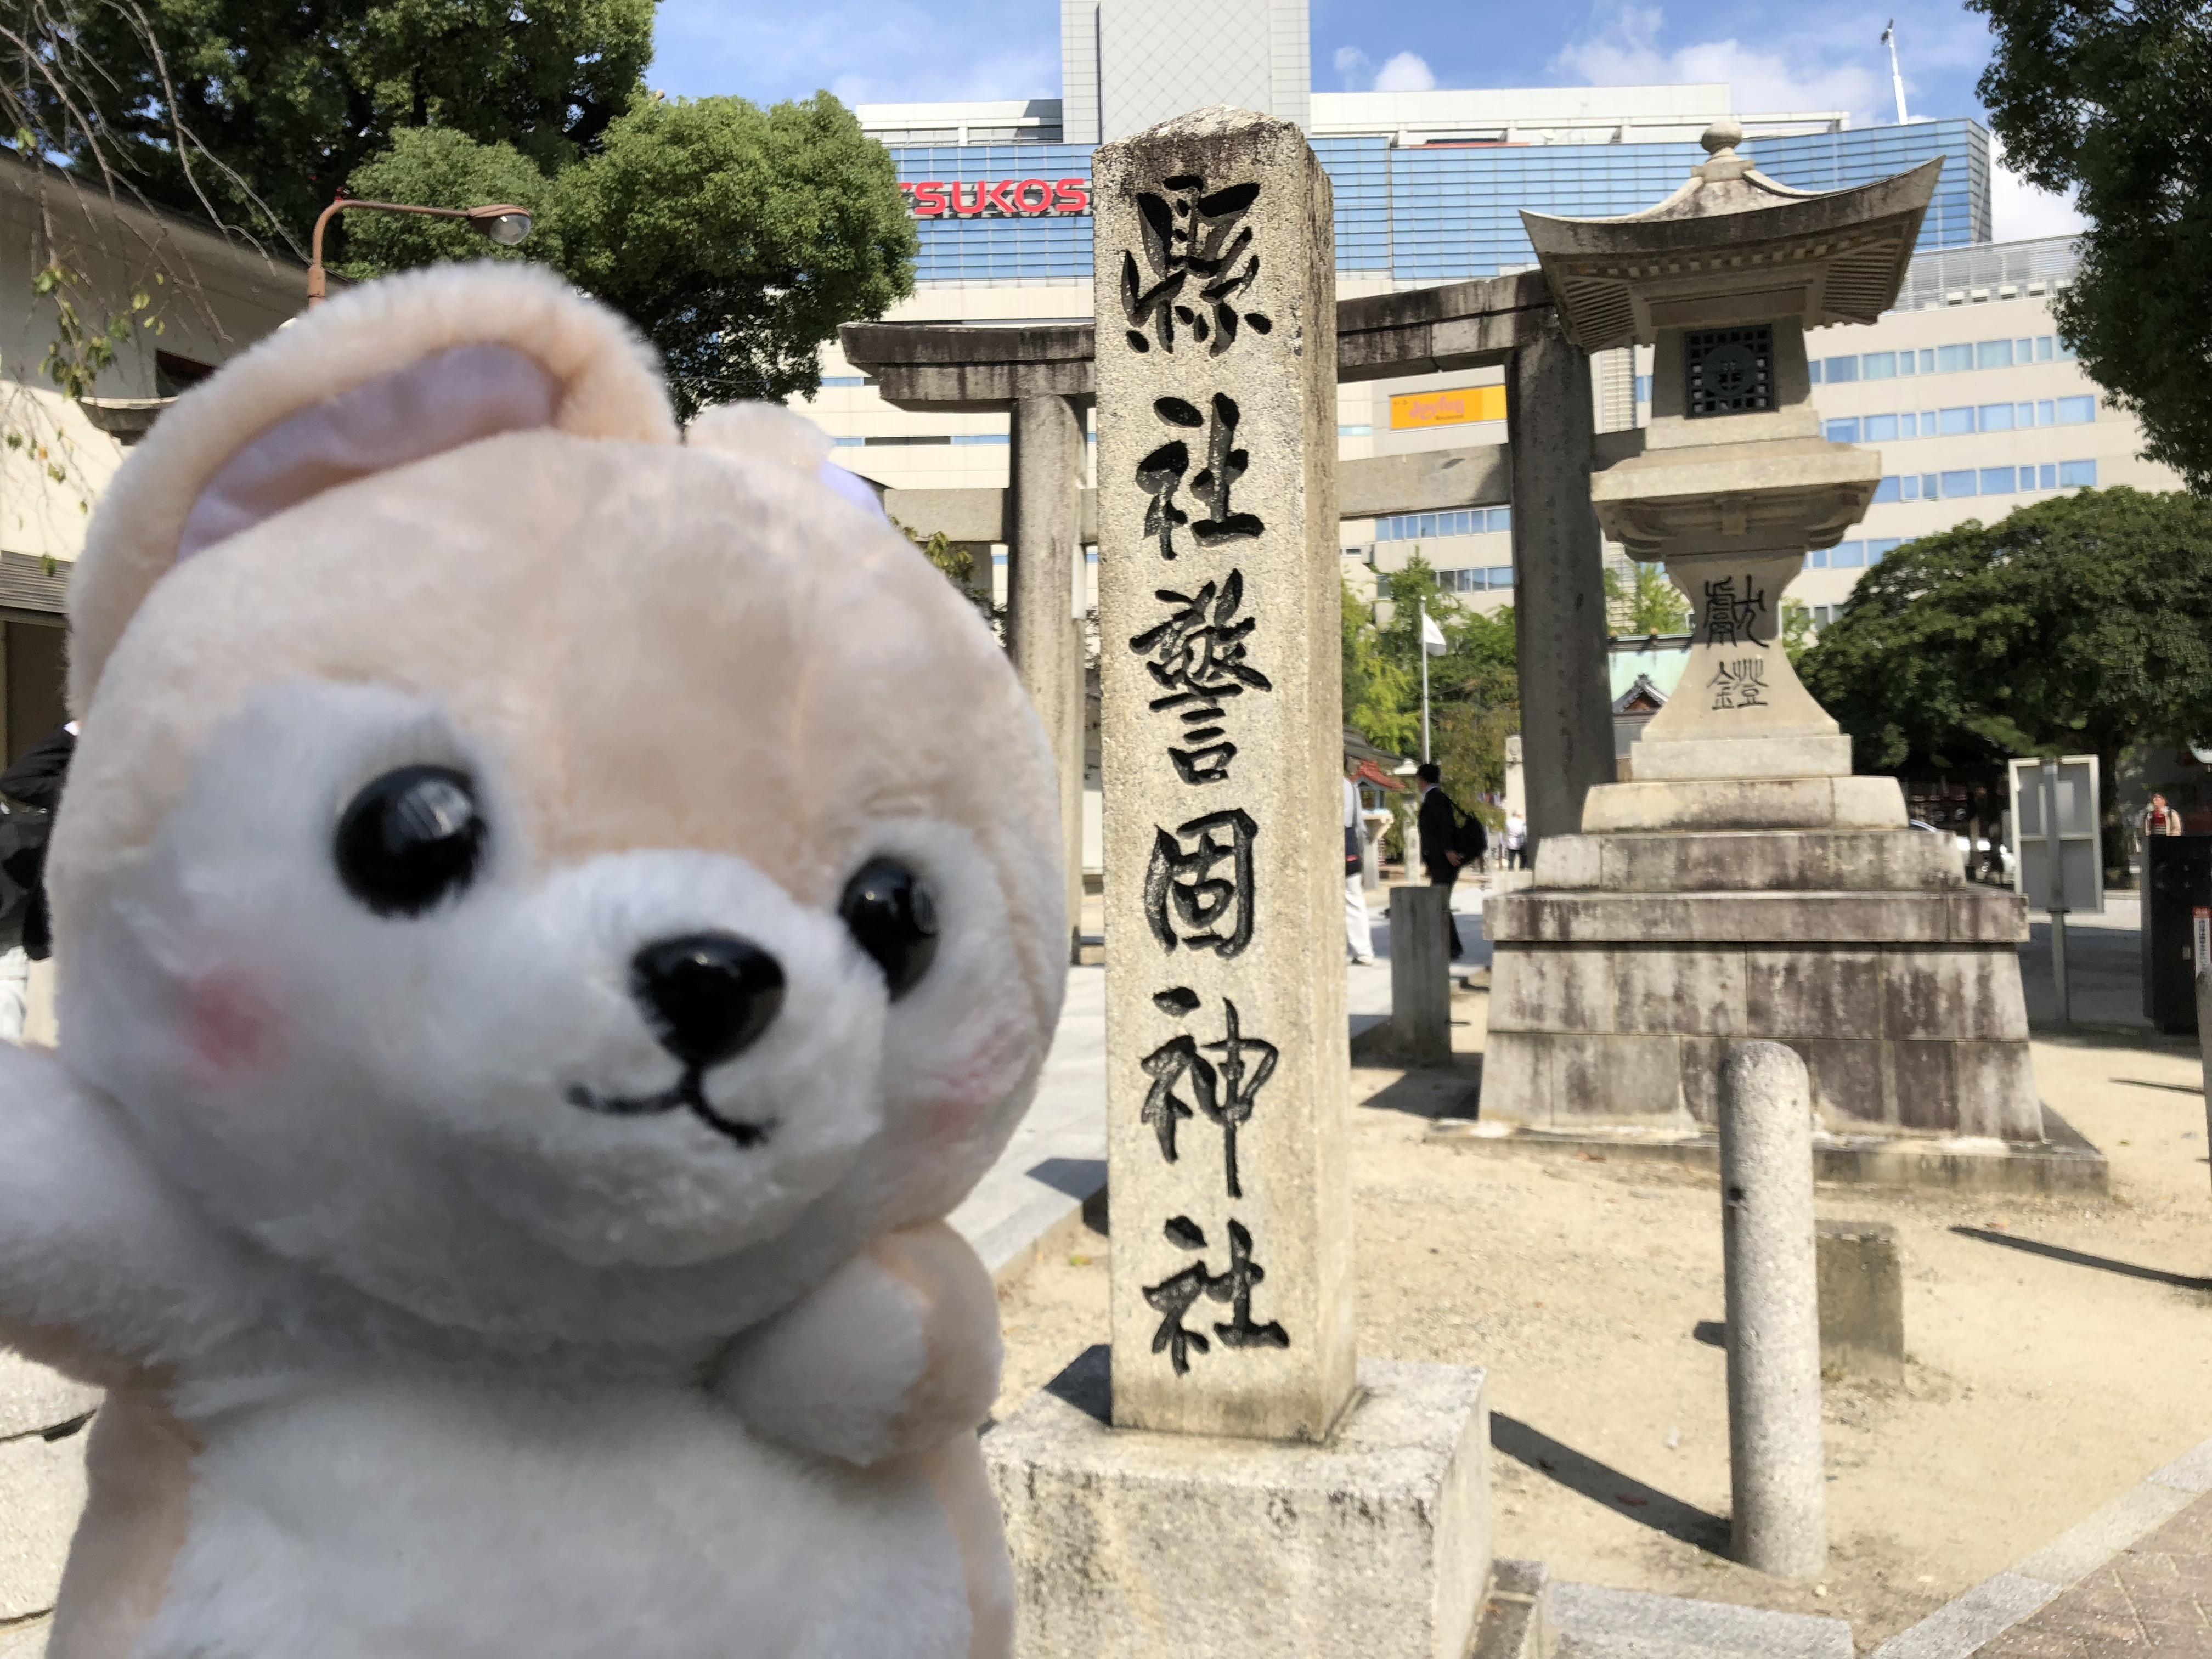 福岡県の天神・警固神社にやってきたゴウ子ちゃんの写真